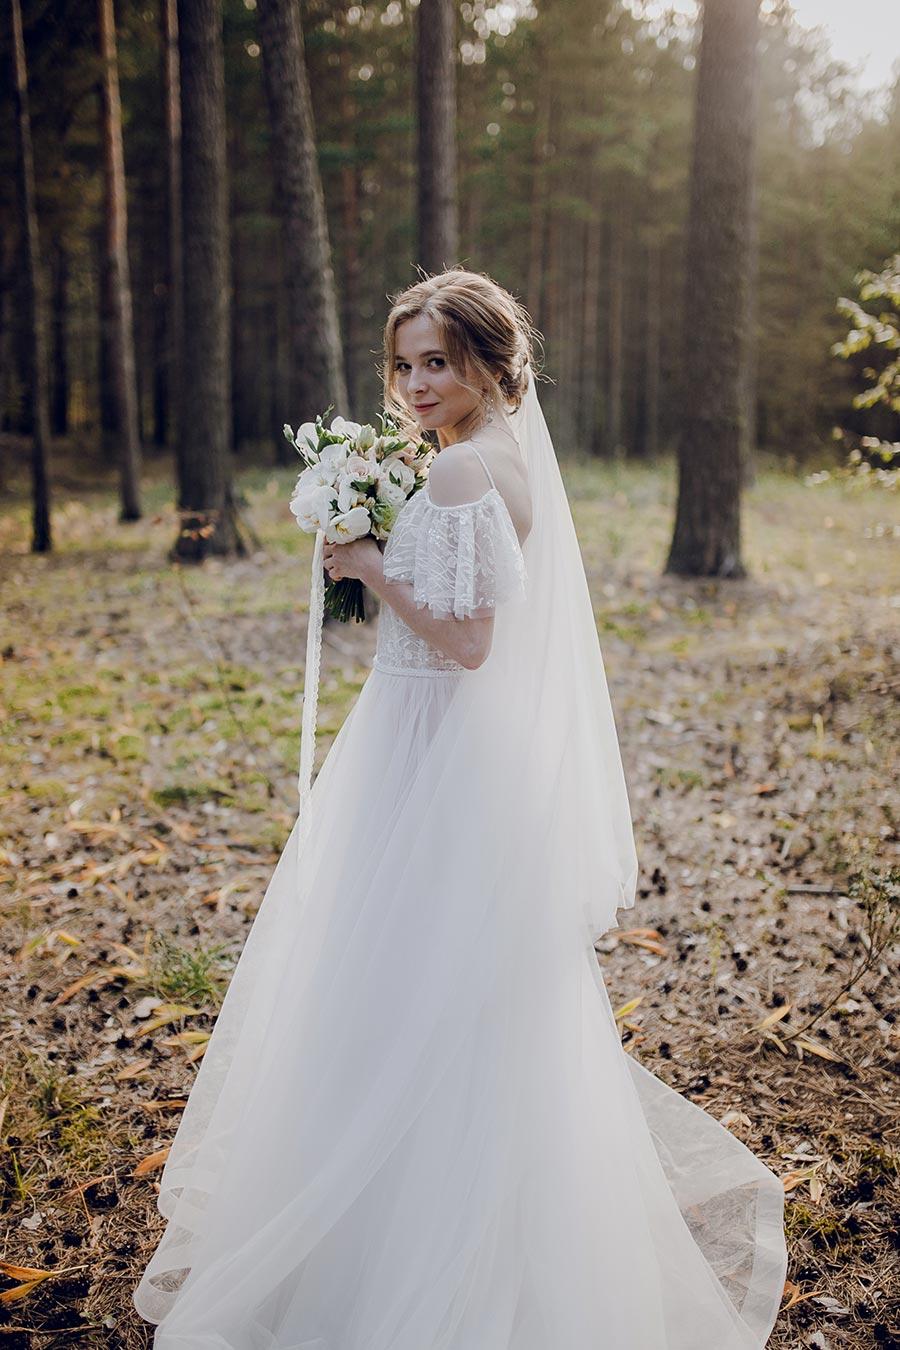 душевная свадьба тани и славы на природе 15